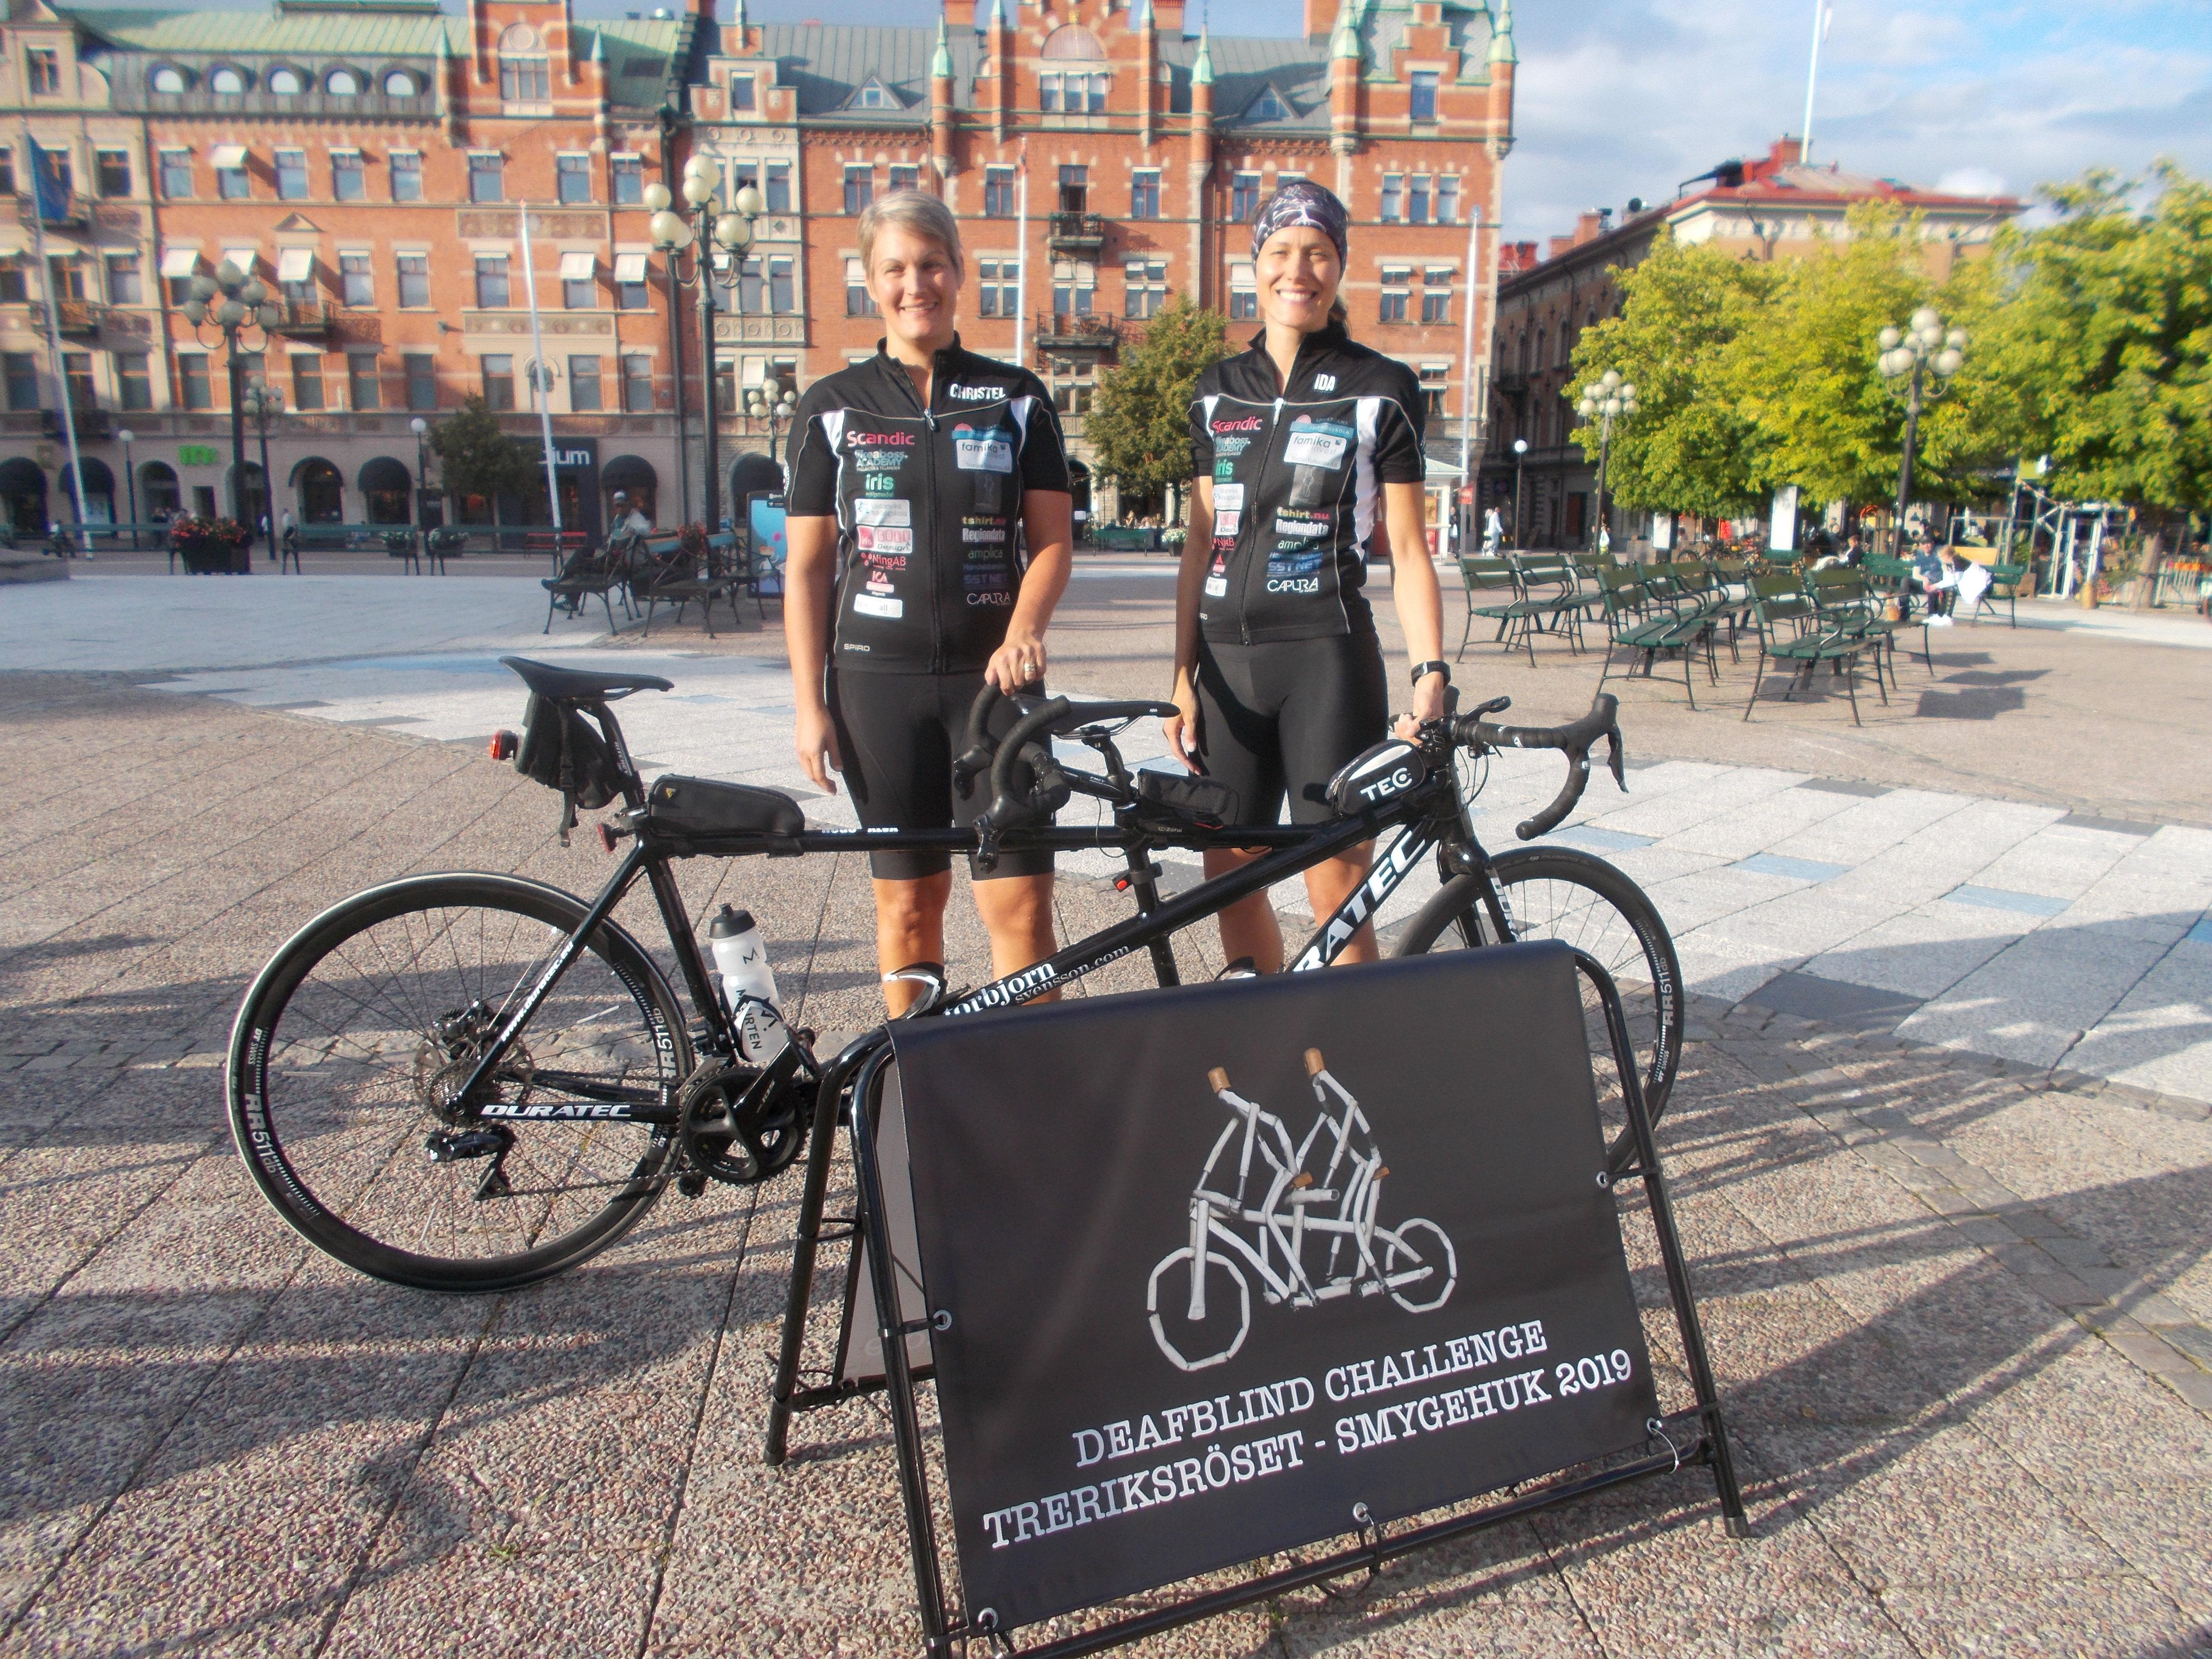 Christel och Ida iklädda tajta cykeldräkter bakom den svarta tandemcykeln på Stora torget i Sundsvall